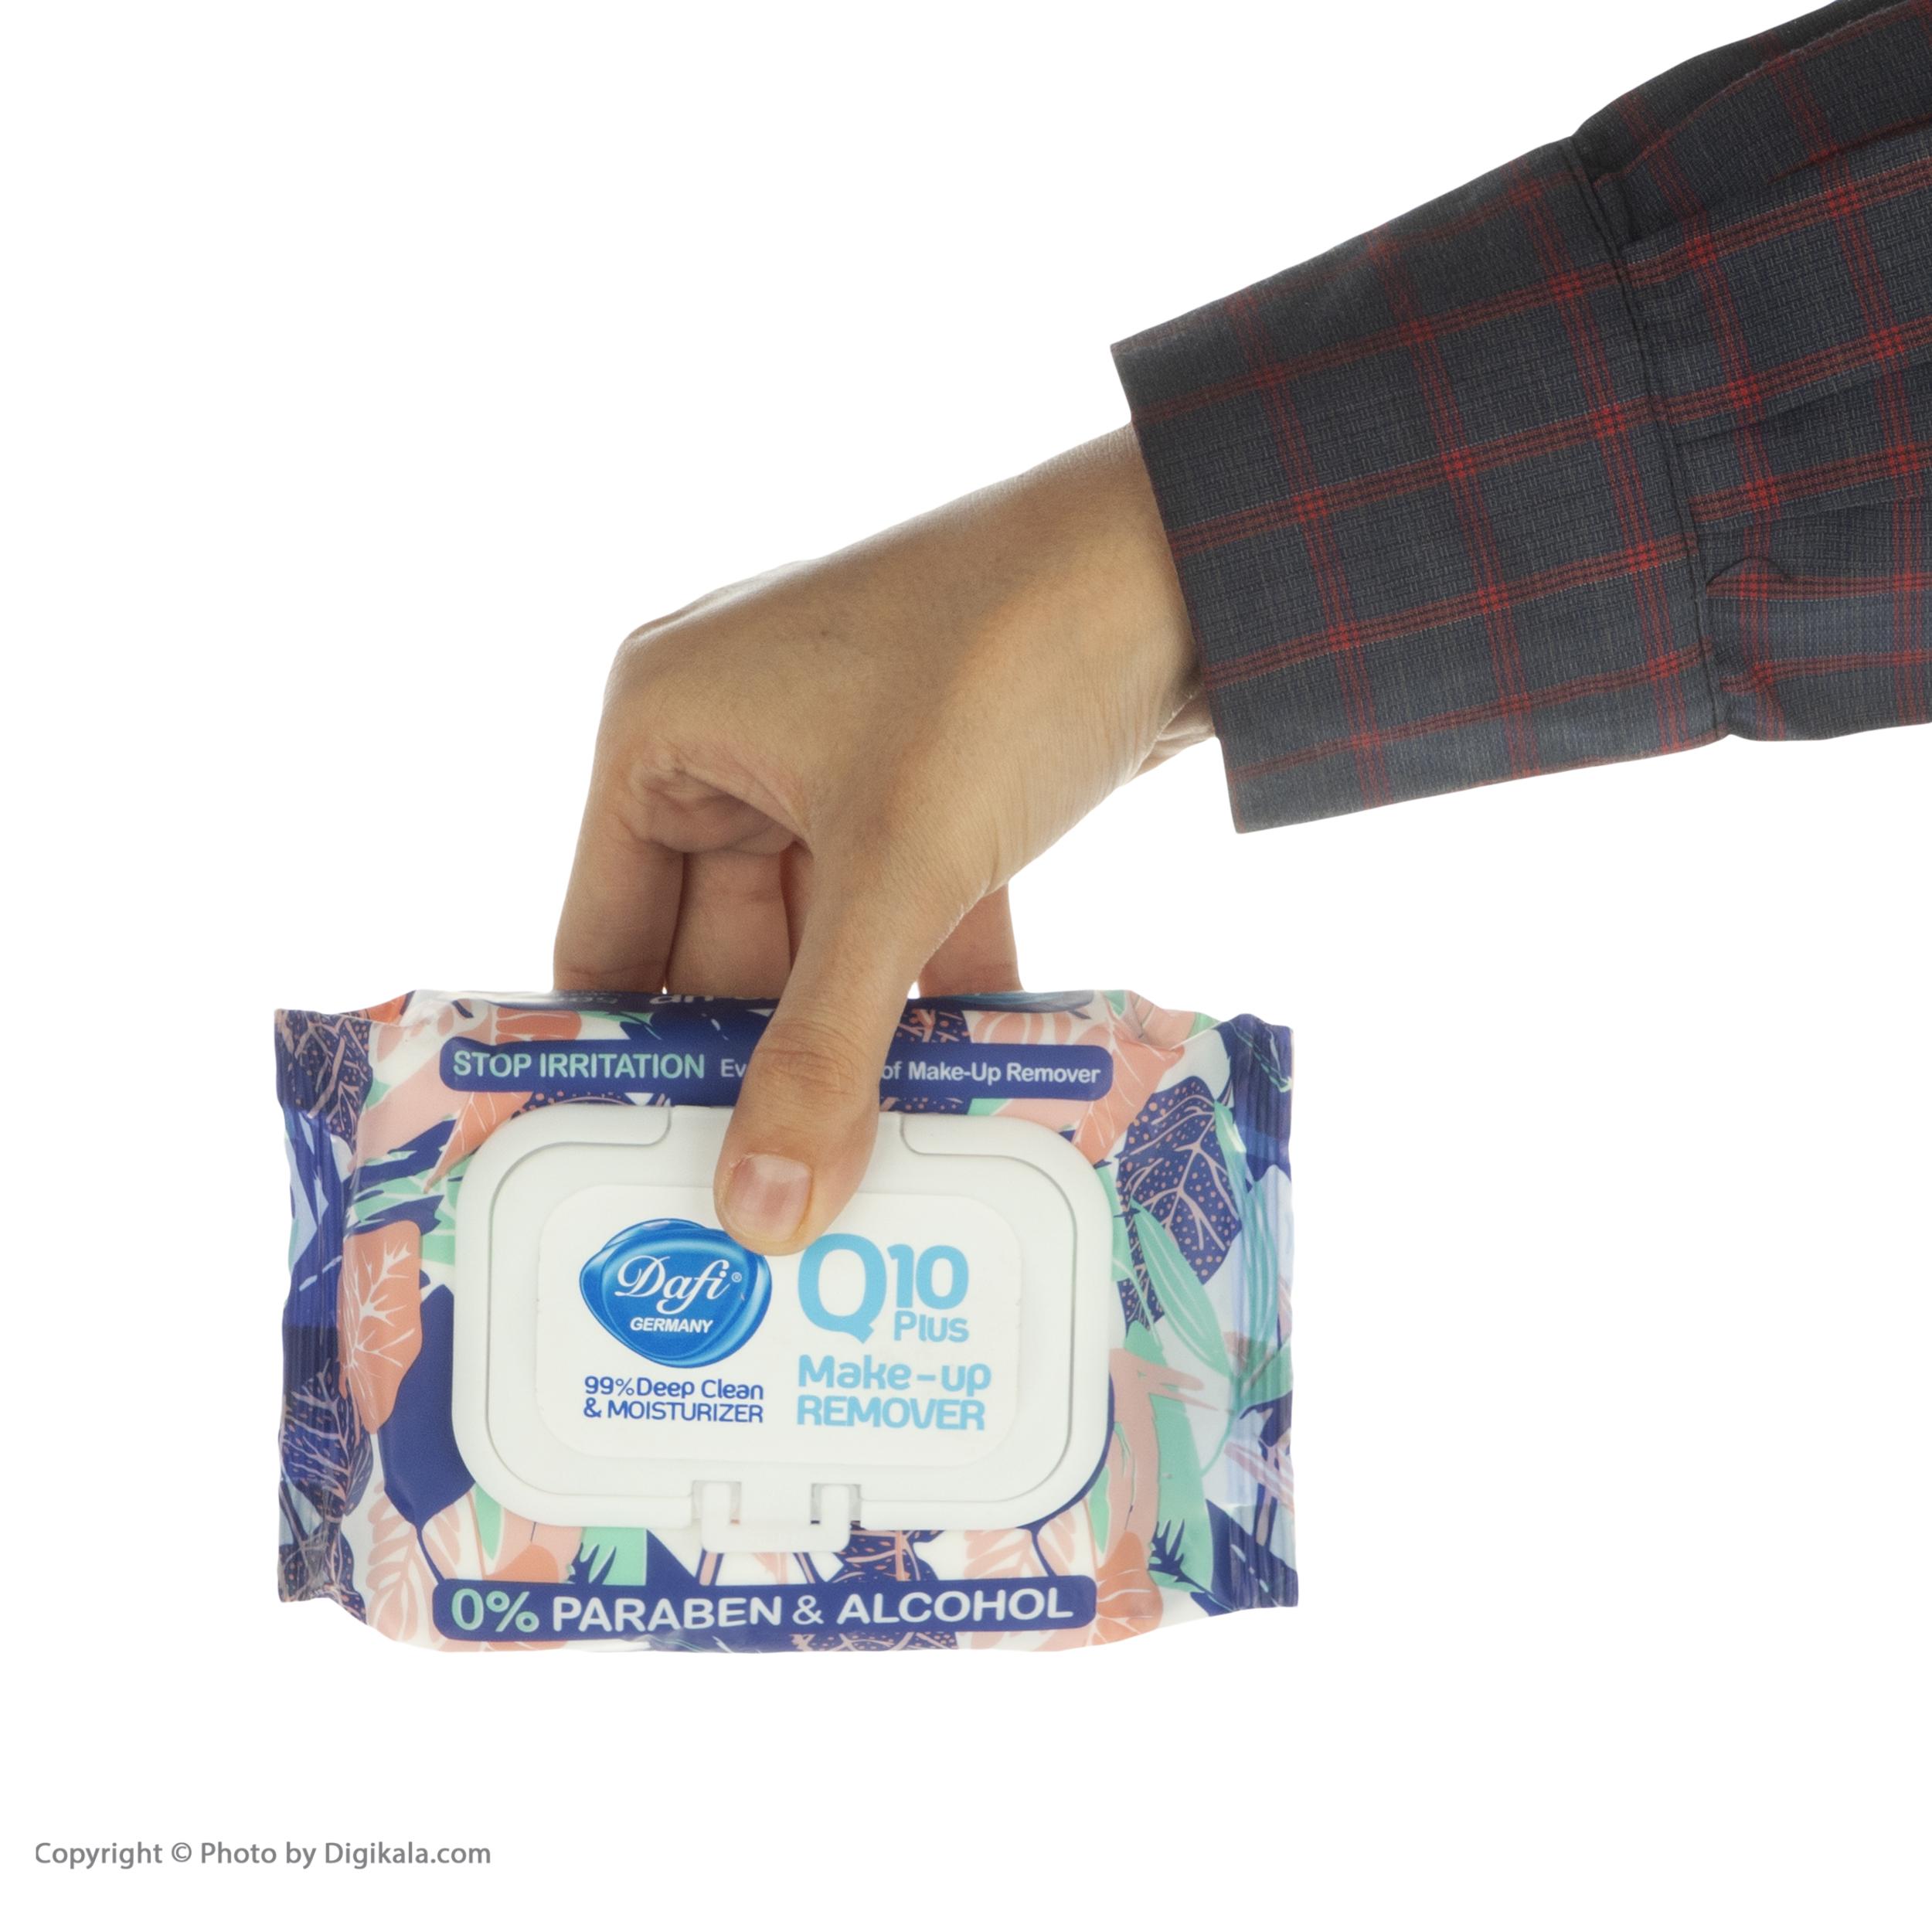 دستمال مرطوب دافی مدل Q10 بسته 50 عددی main 1 4